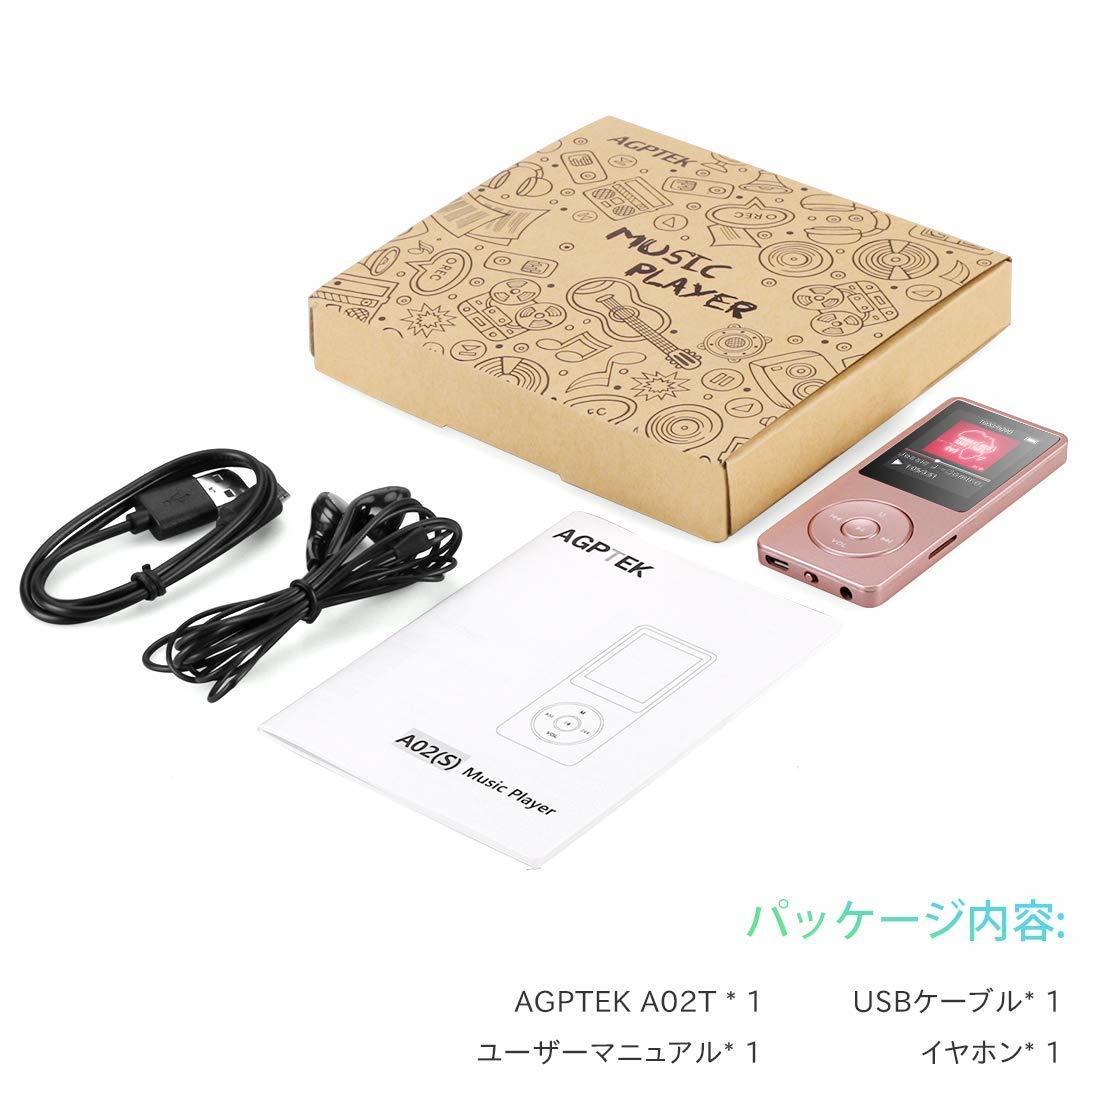 ★新品・未使用★ Bluetooth4.0 MP3プレーヤー HIFI高音質 超軽量 歩数計/FMラジオ 多機能 内蔵8GB マイクロSDカード128GBまで対応_画像4